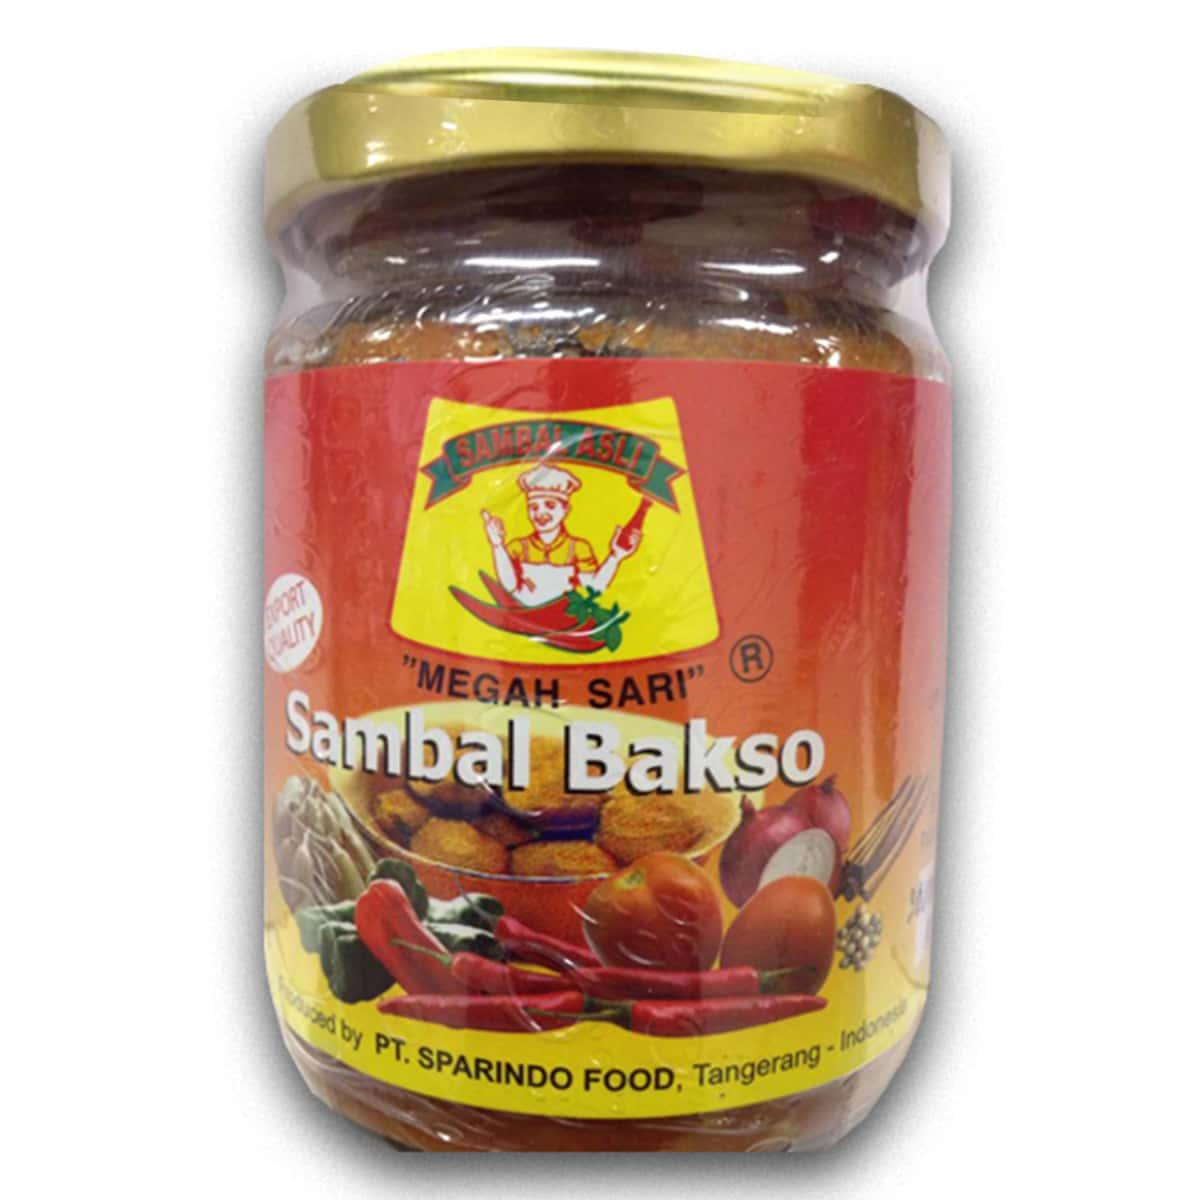 Buy Megah Sari Sambal Bakso - 250 gm